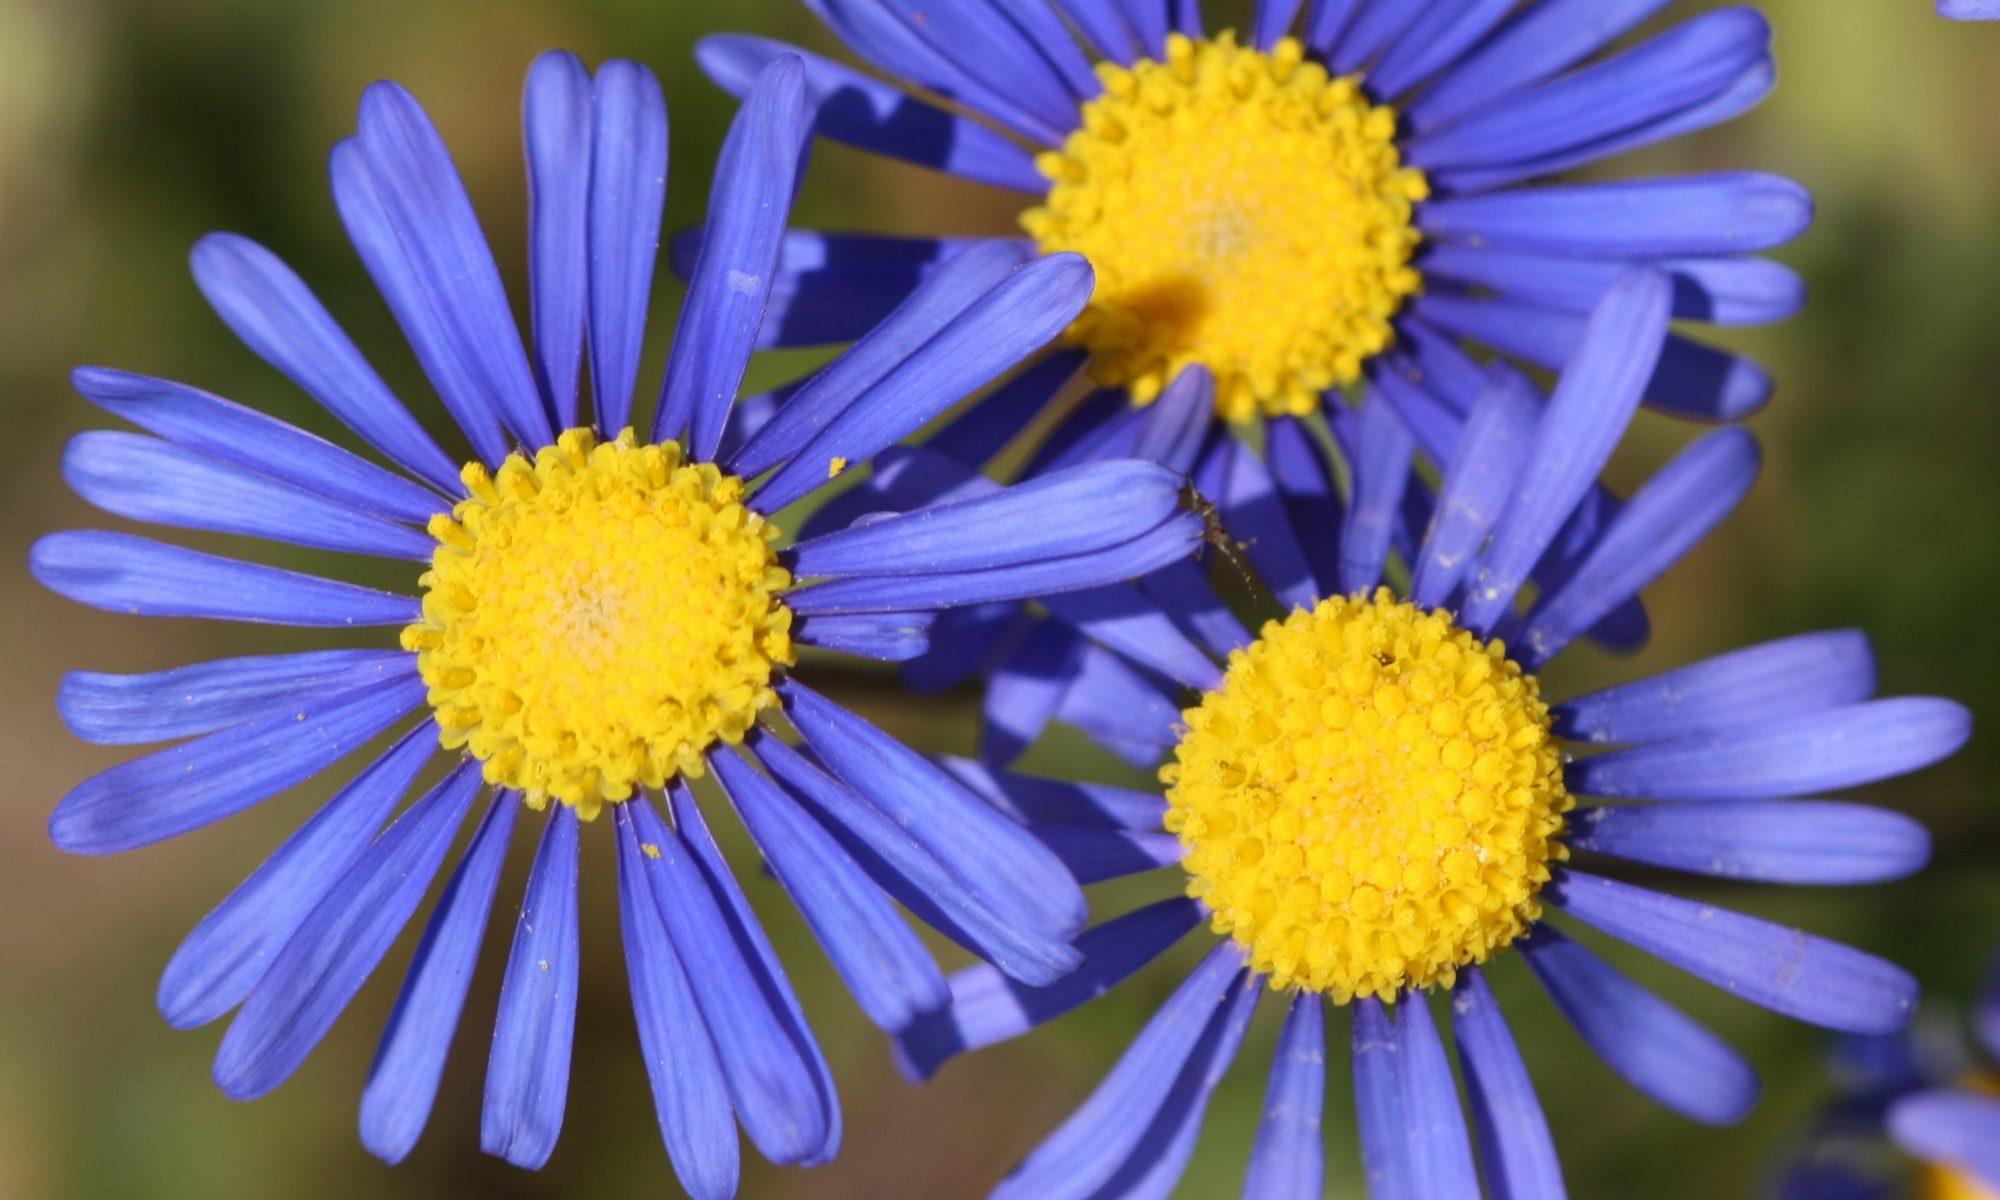 Darling Wildflower Society